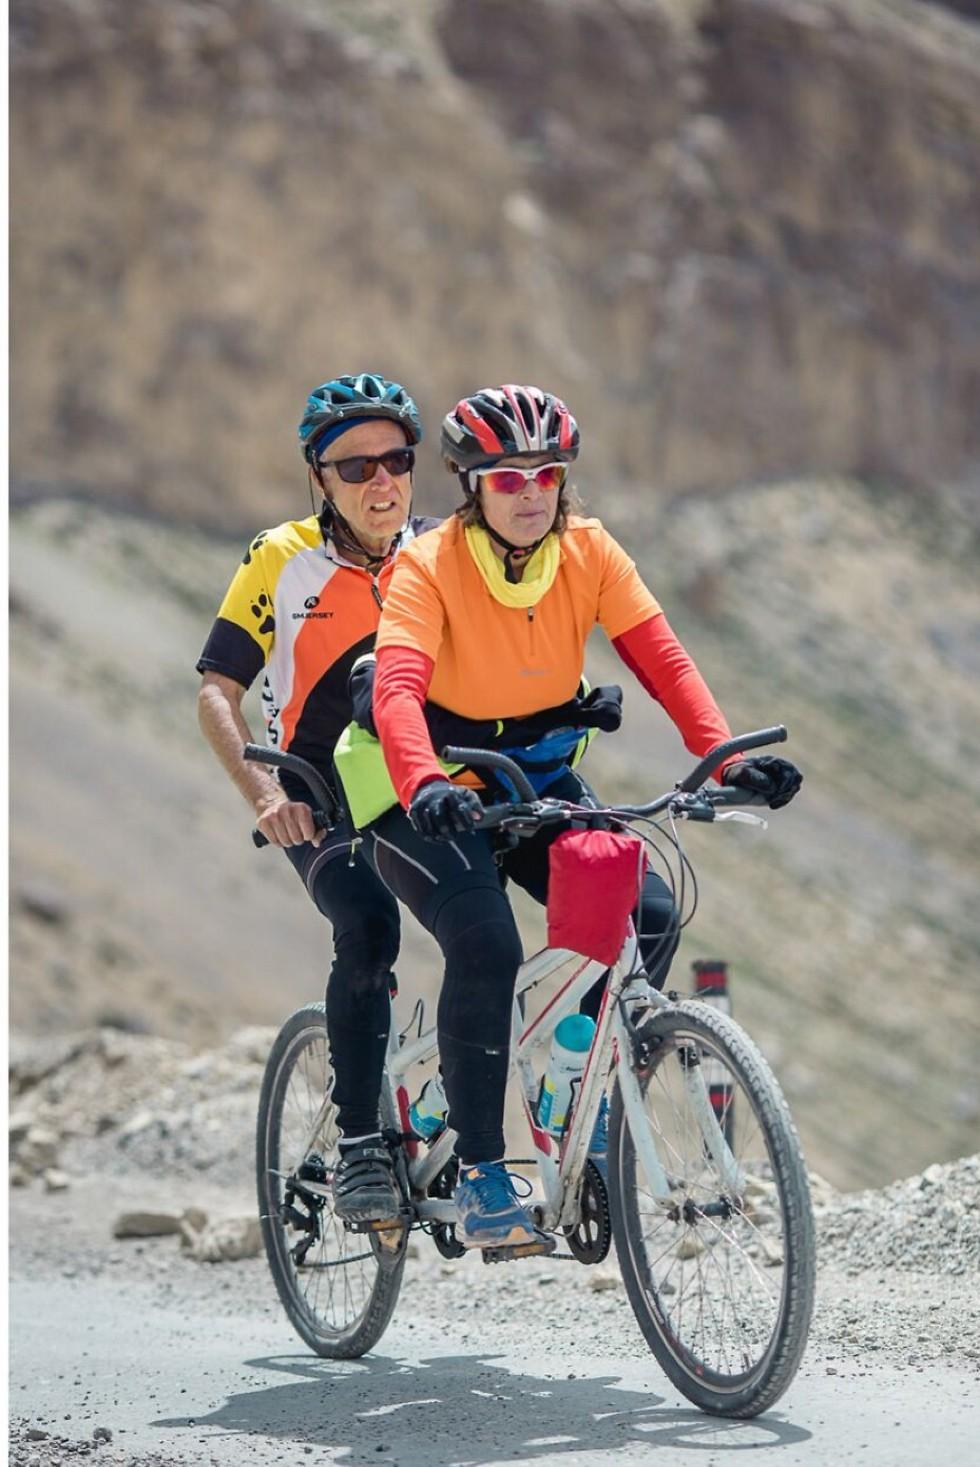 רוכבים יחד (צילום: AMRIT VATSA) (צילום: AMRIT VATSA)